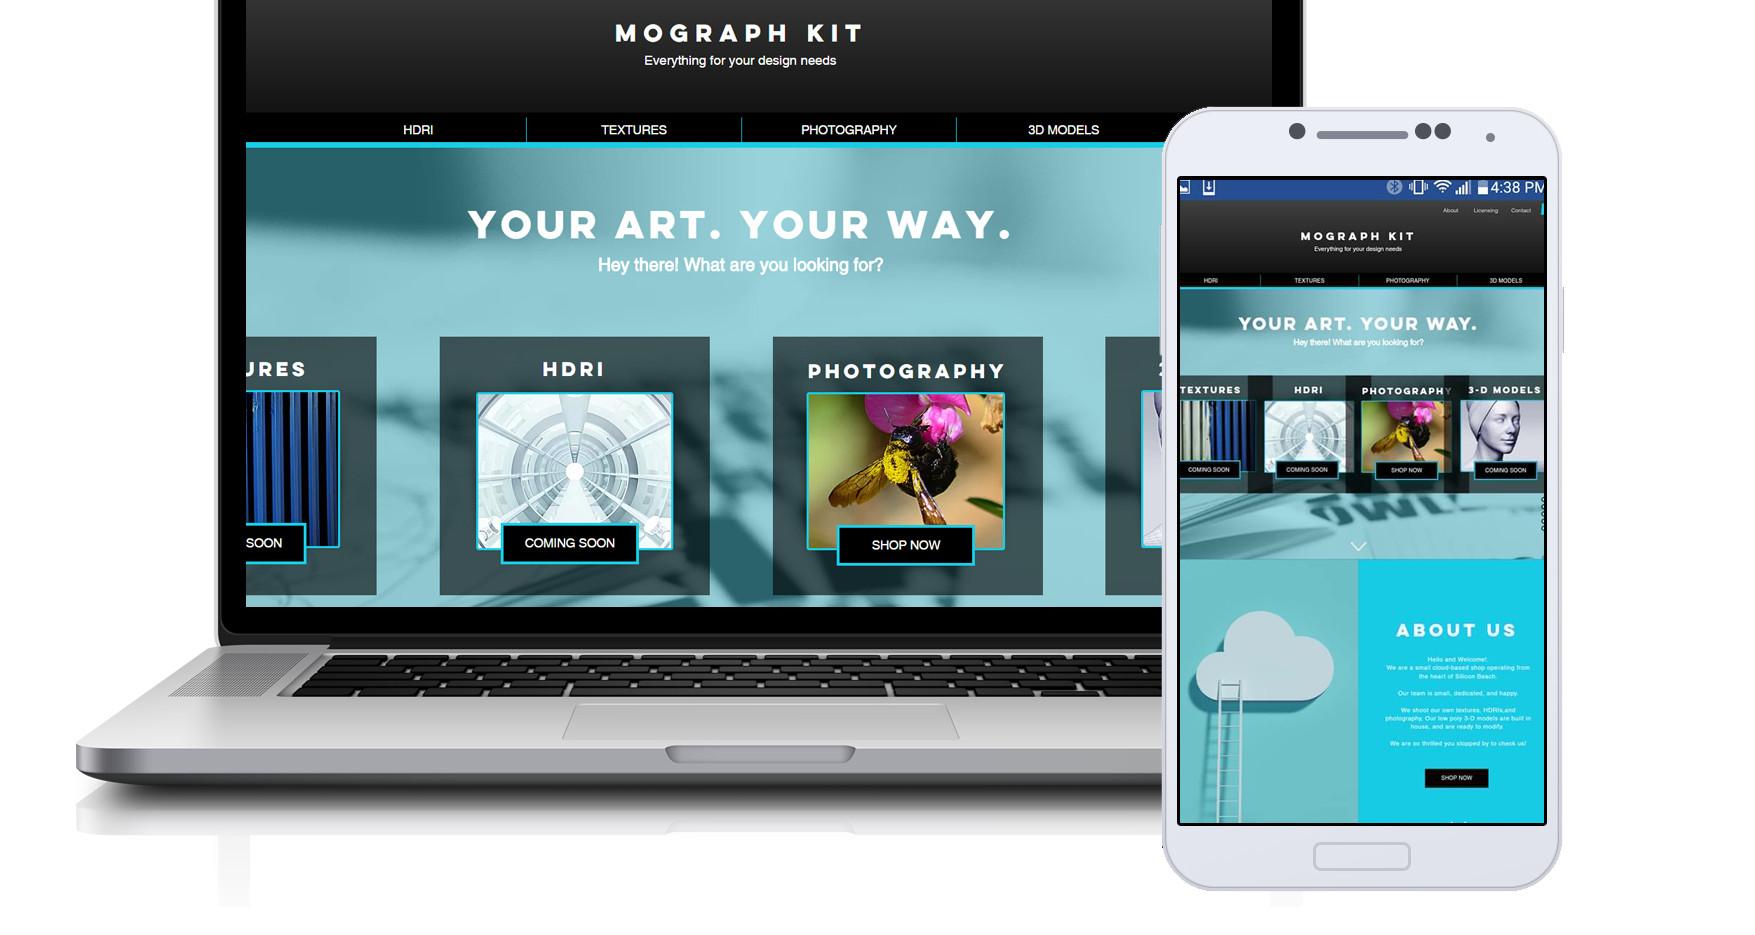 Mograph Kit